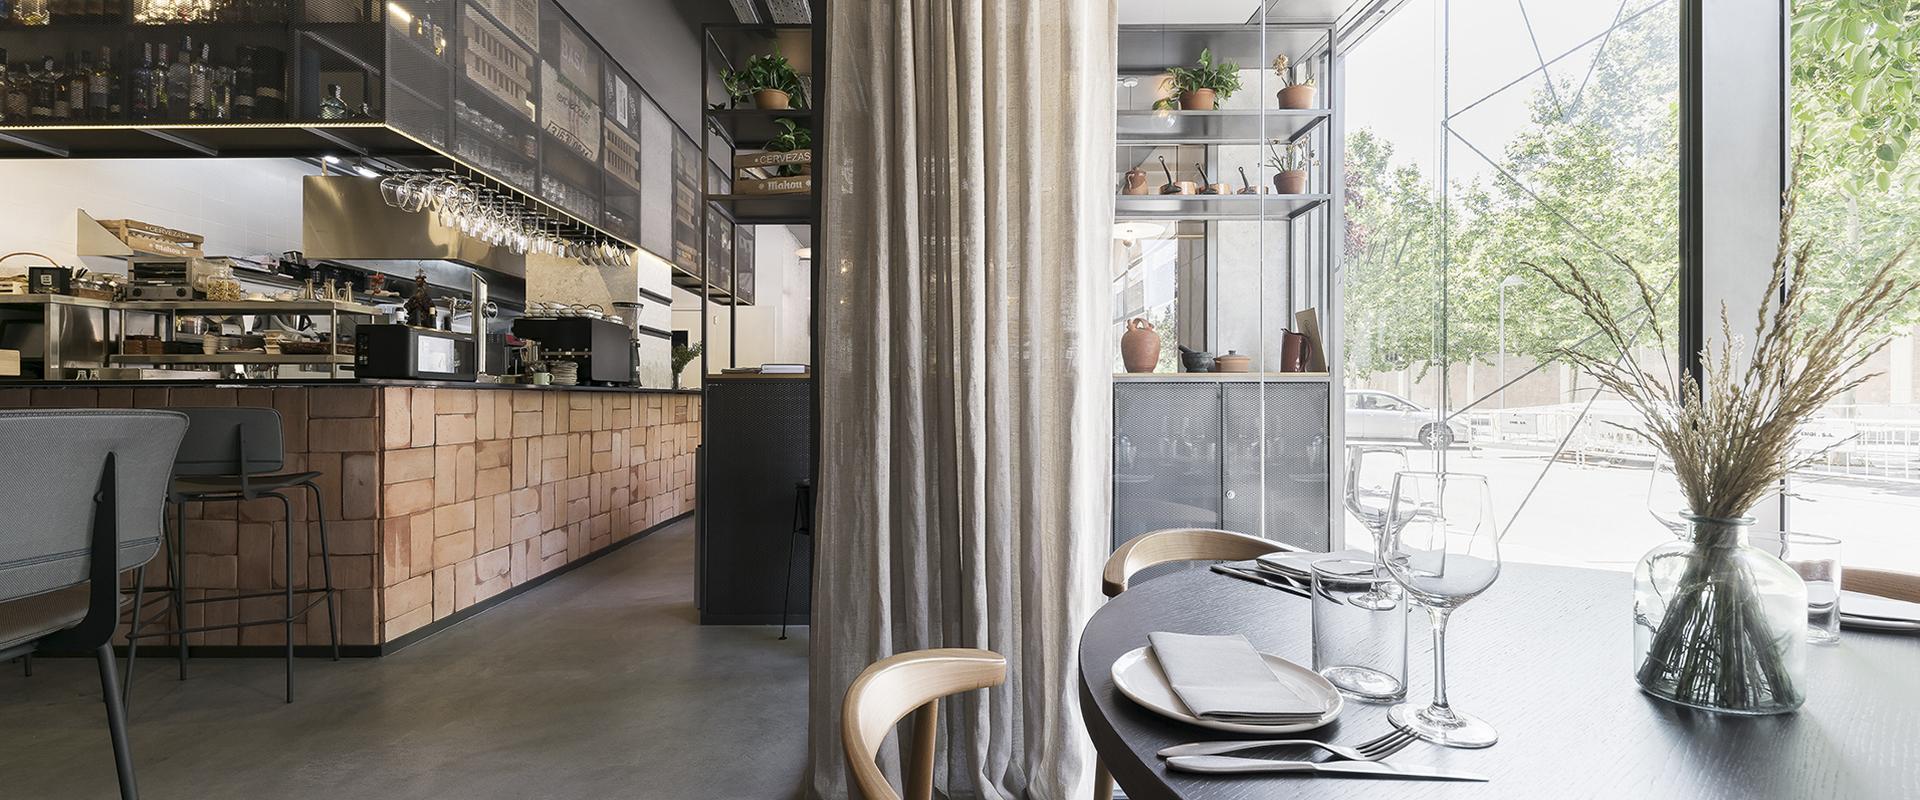 Diseño de restaurantes I: conocer el modelo de negocio